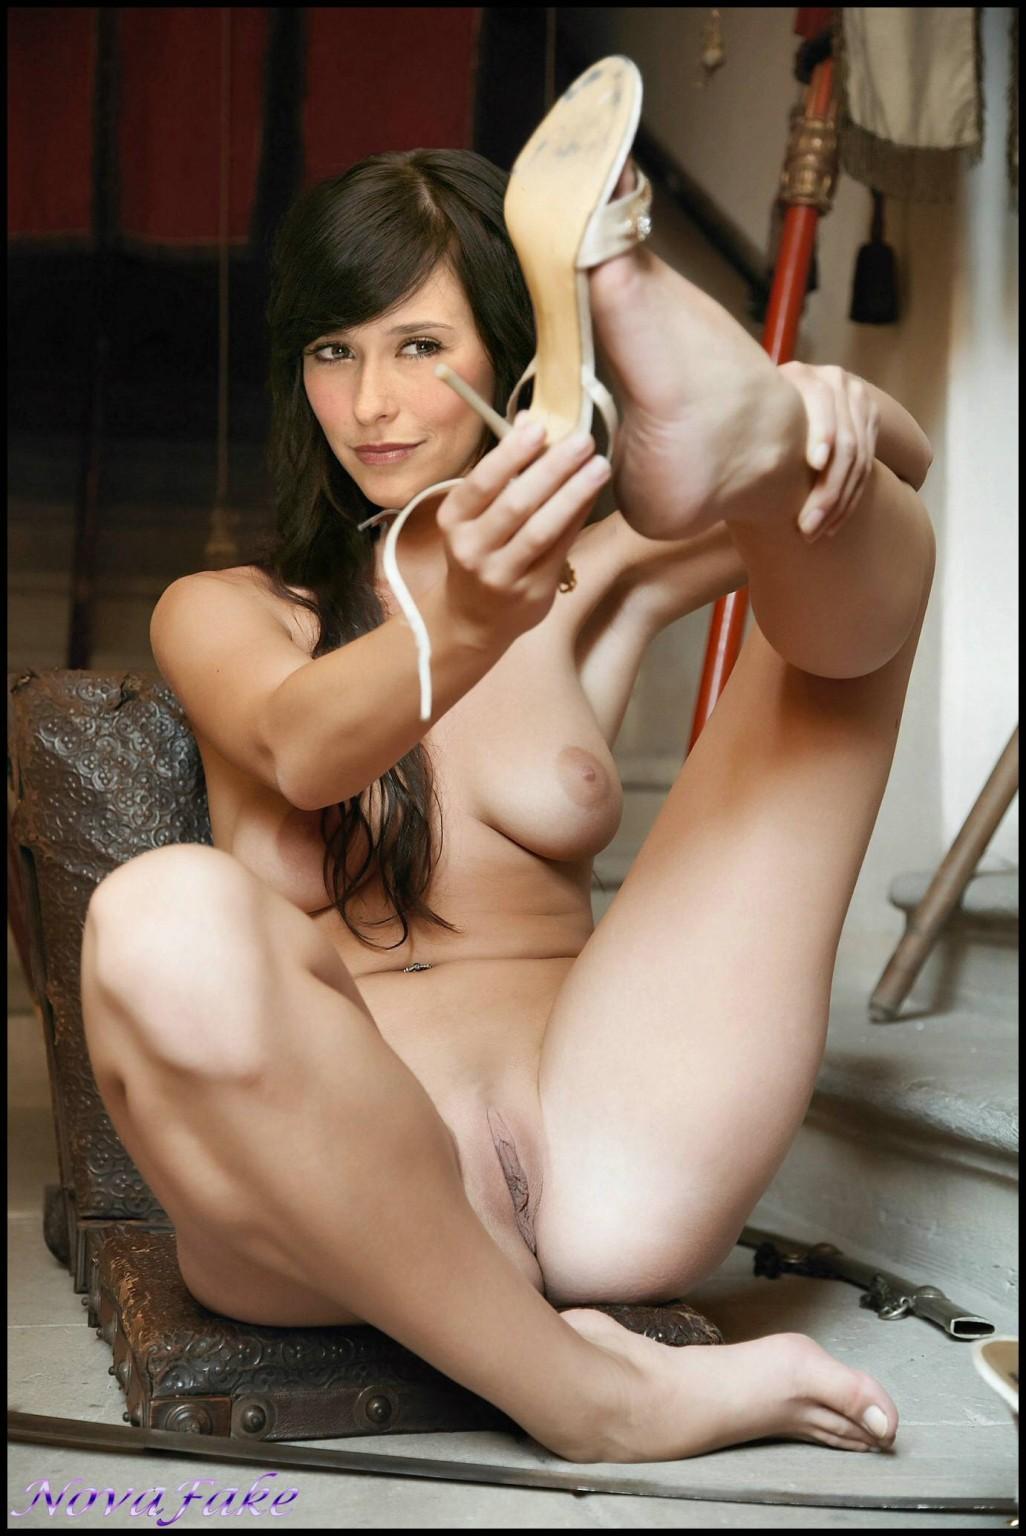 rough sex humiliation